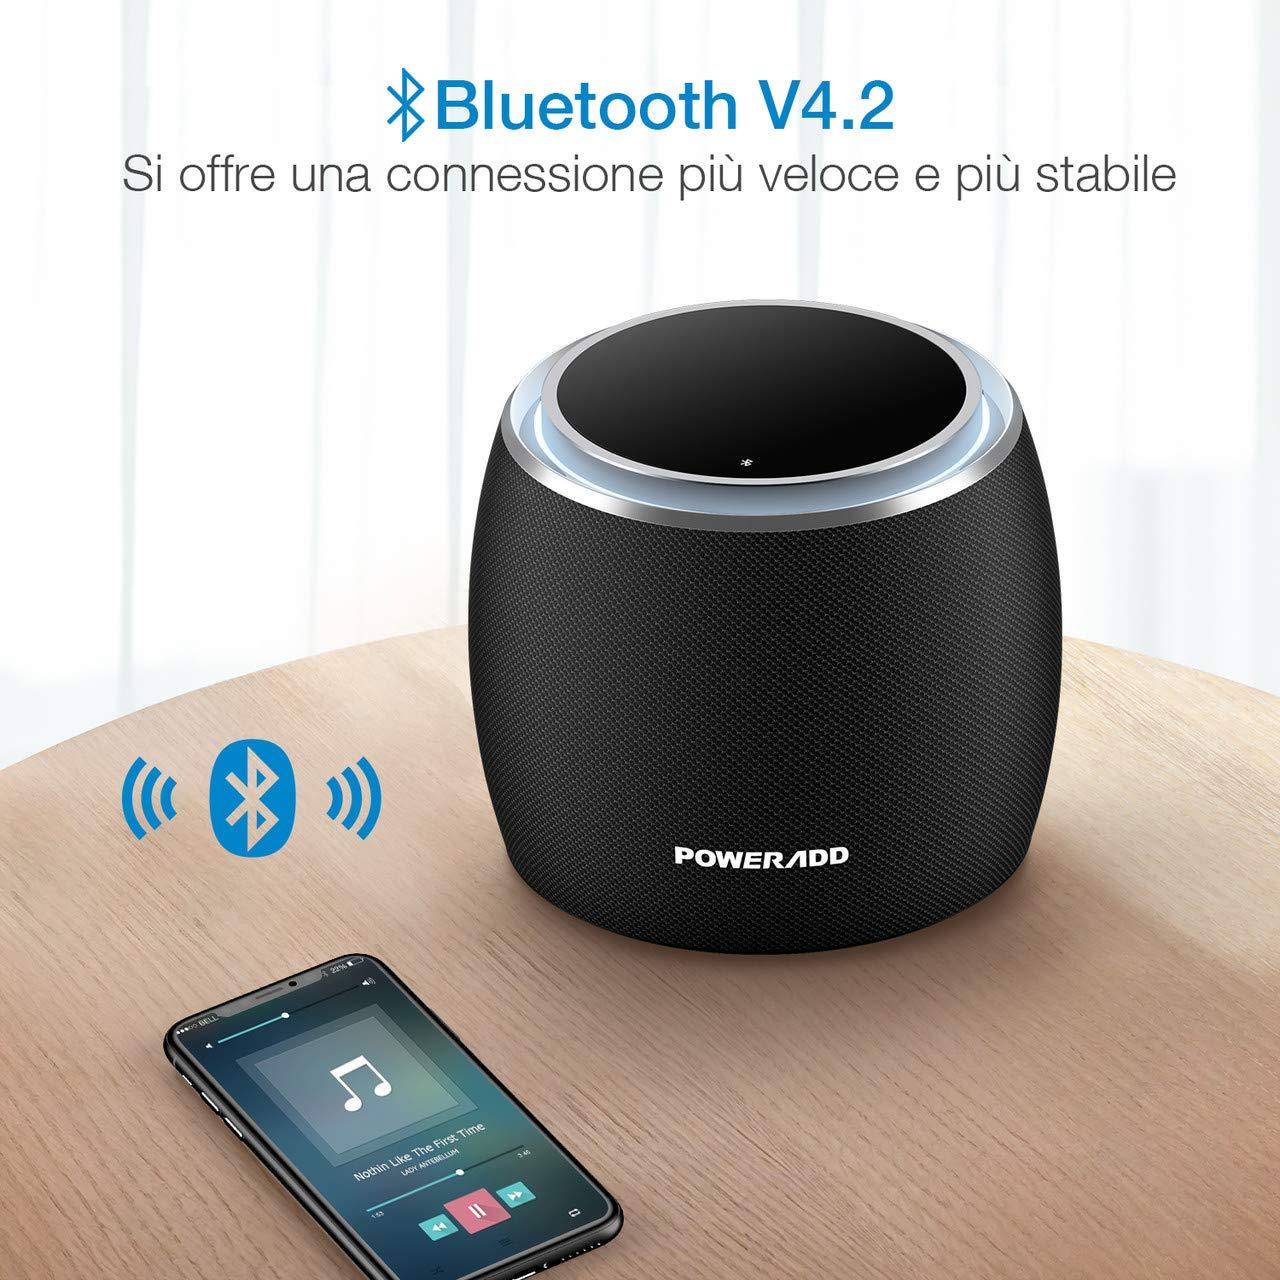 POWERADD Altoparlante Bluetooth, Cassa Bluetooth Dee-G Con Speaker Da 36 Watt e 2 Subwoofer Passivi, Bluetooth 4.2, Compatibile Con iOS, Android